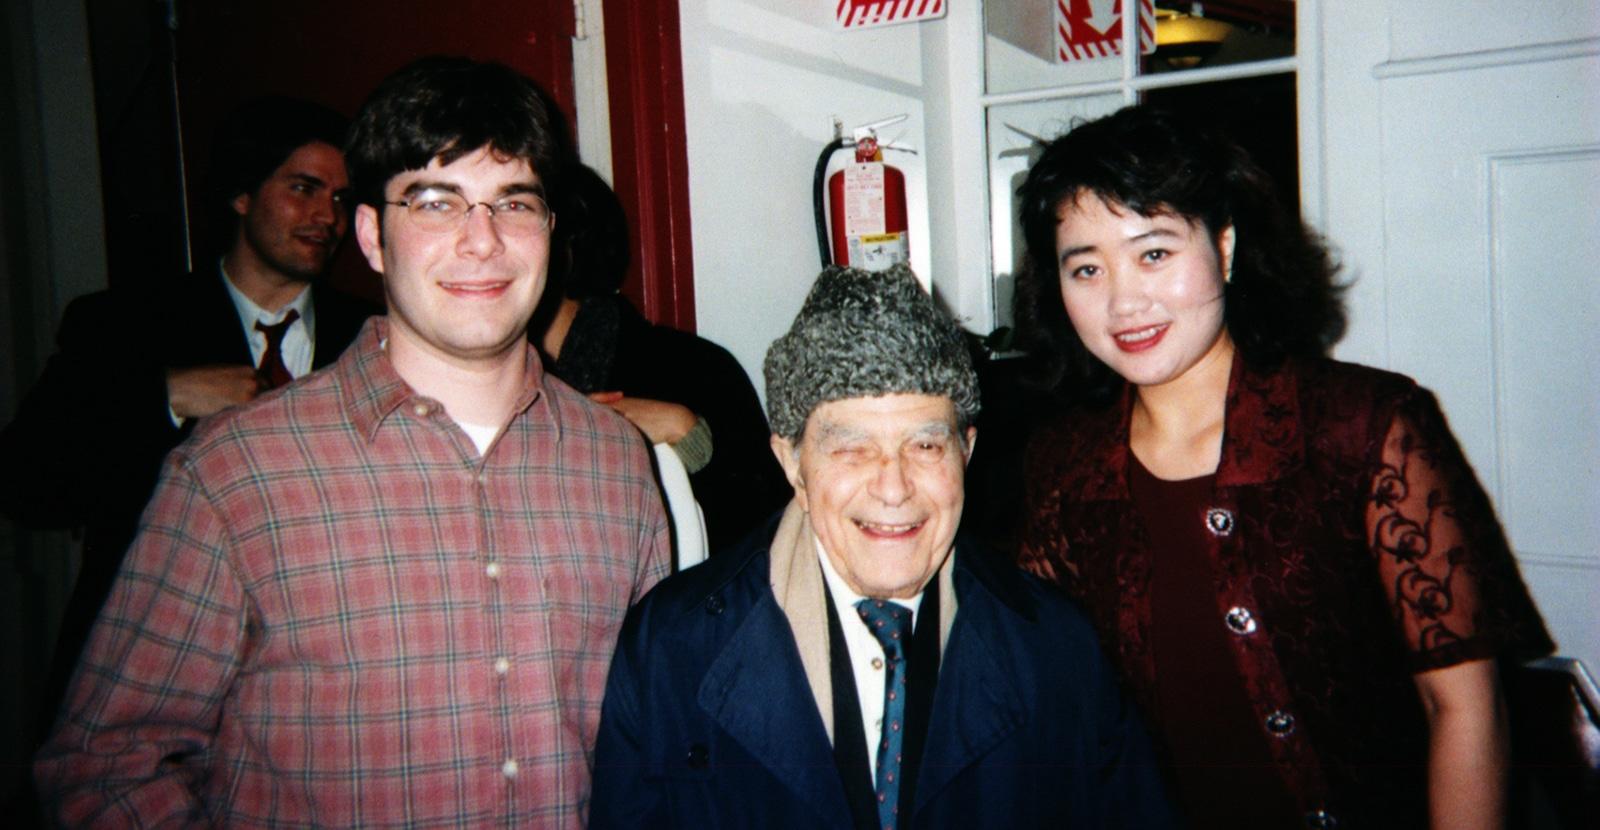 Nathan, Felix Galimir, and Tina Qu